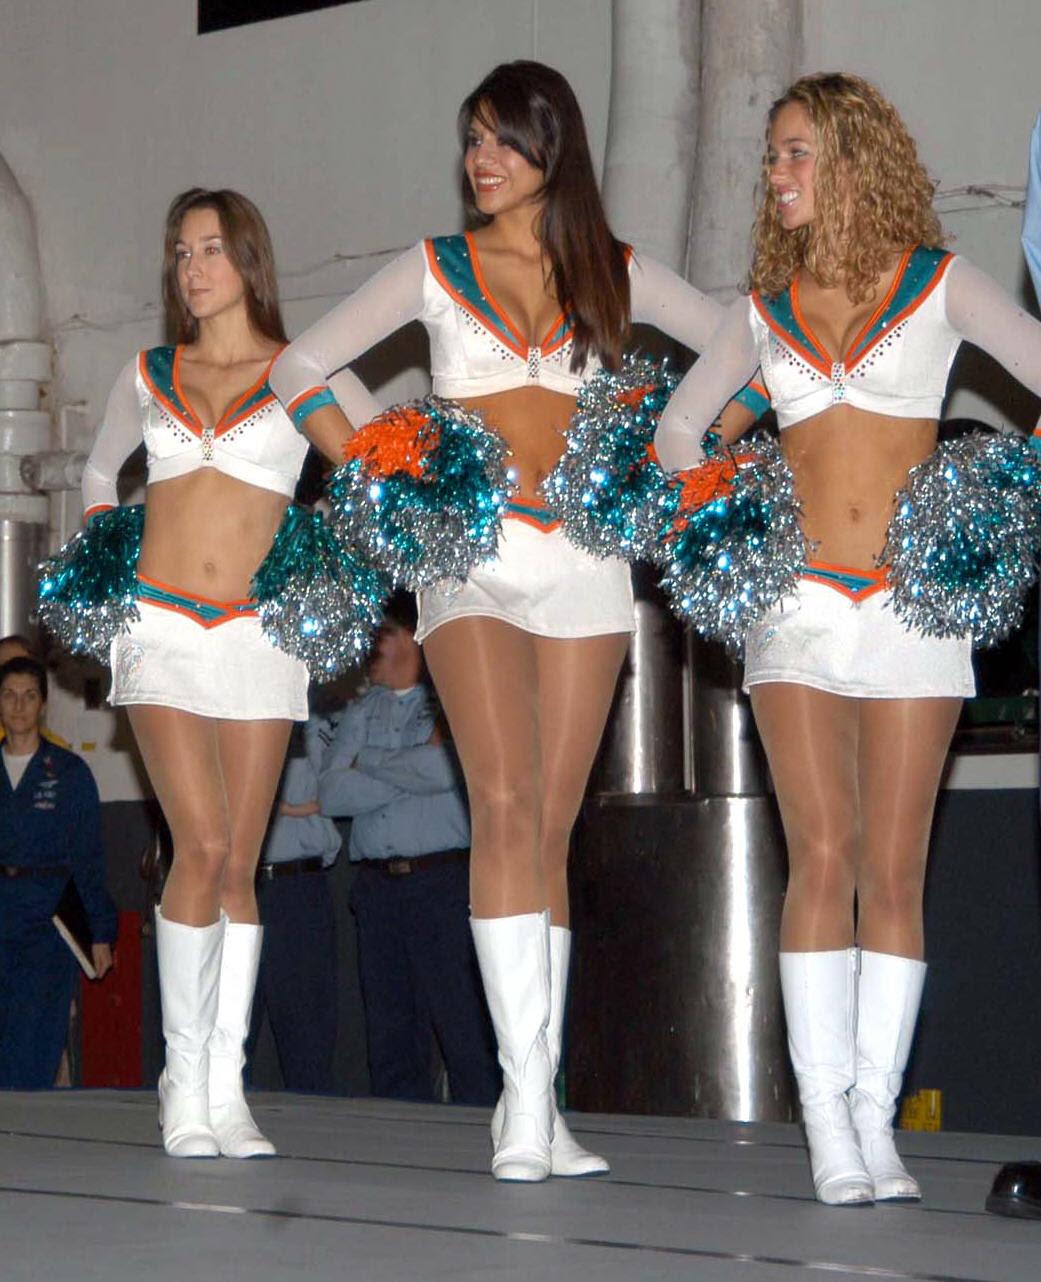 3 Miami Dolphins Cheerleaders In Beautiful Hosiery!